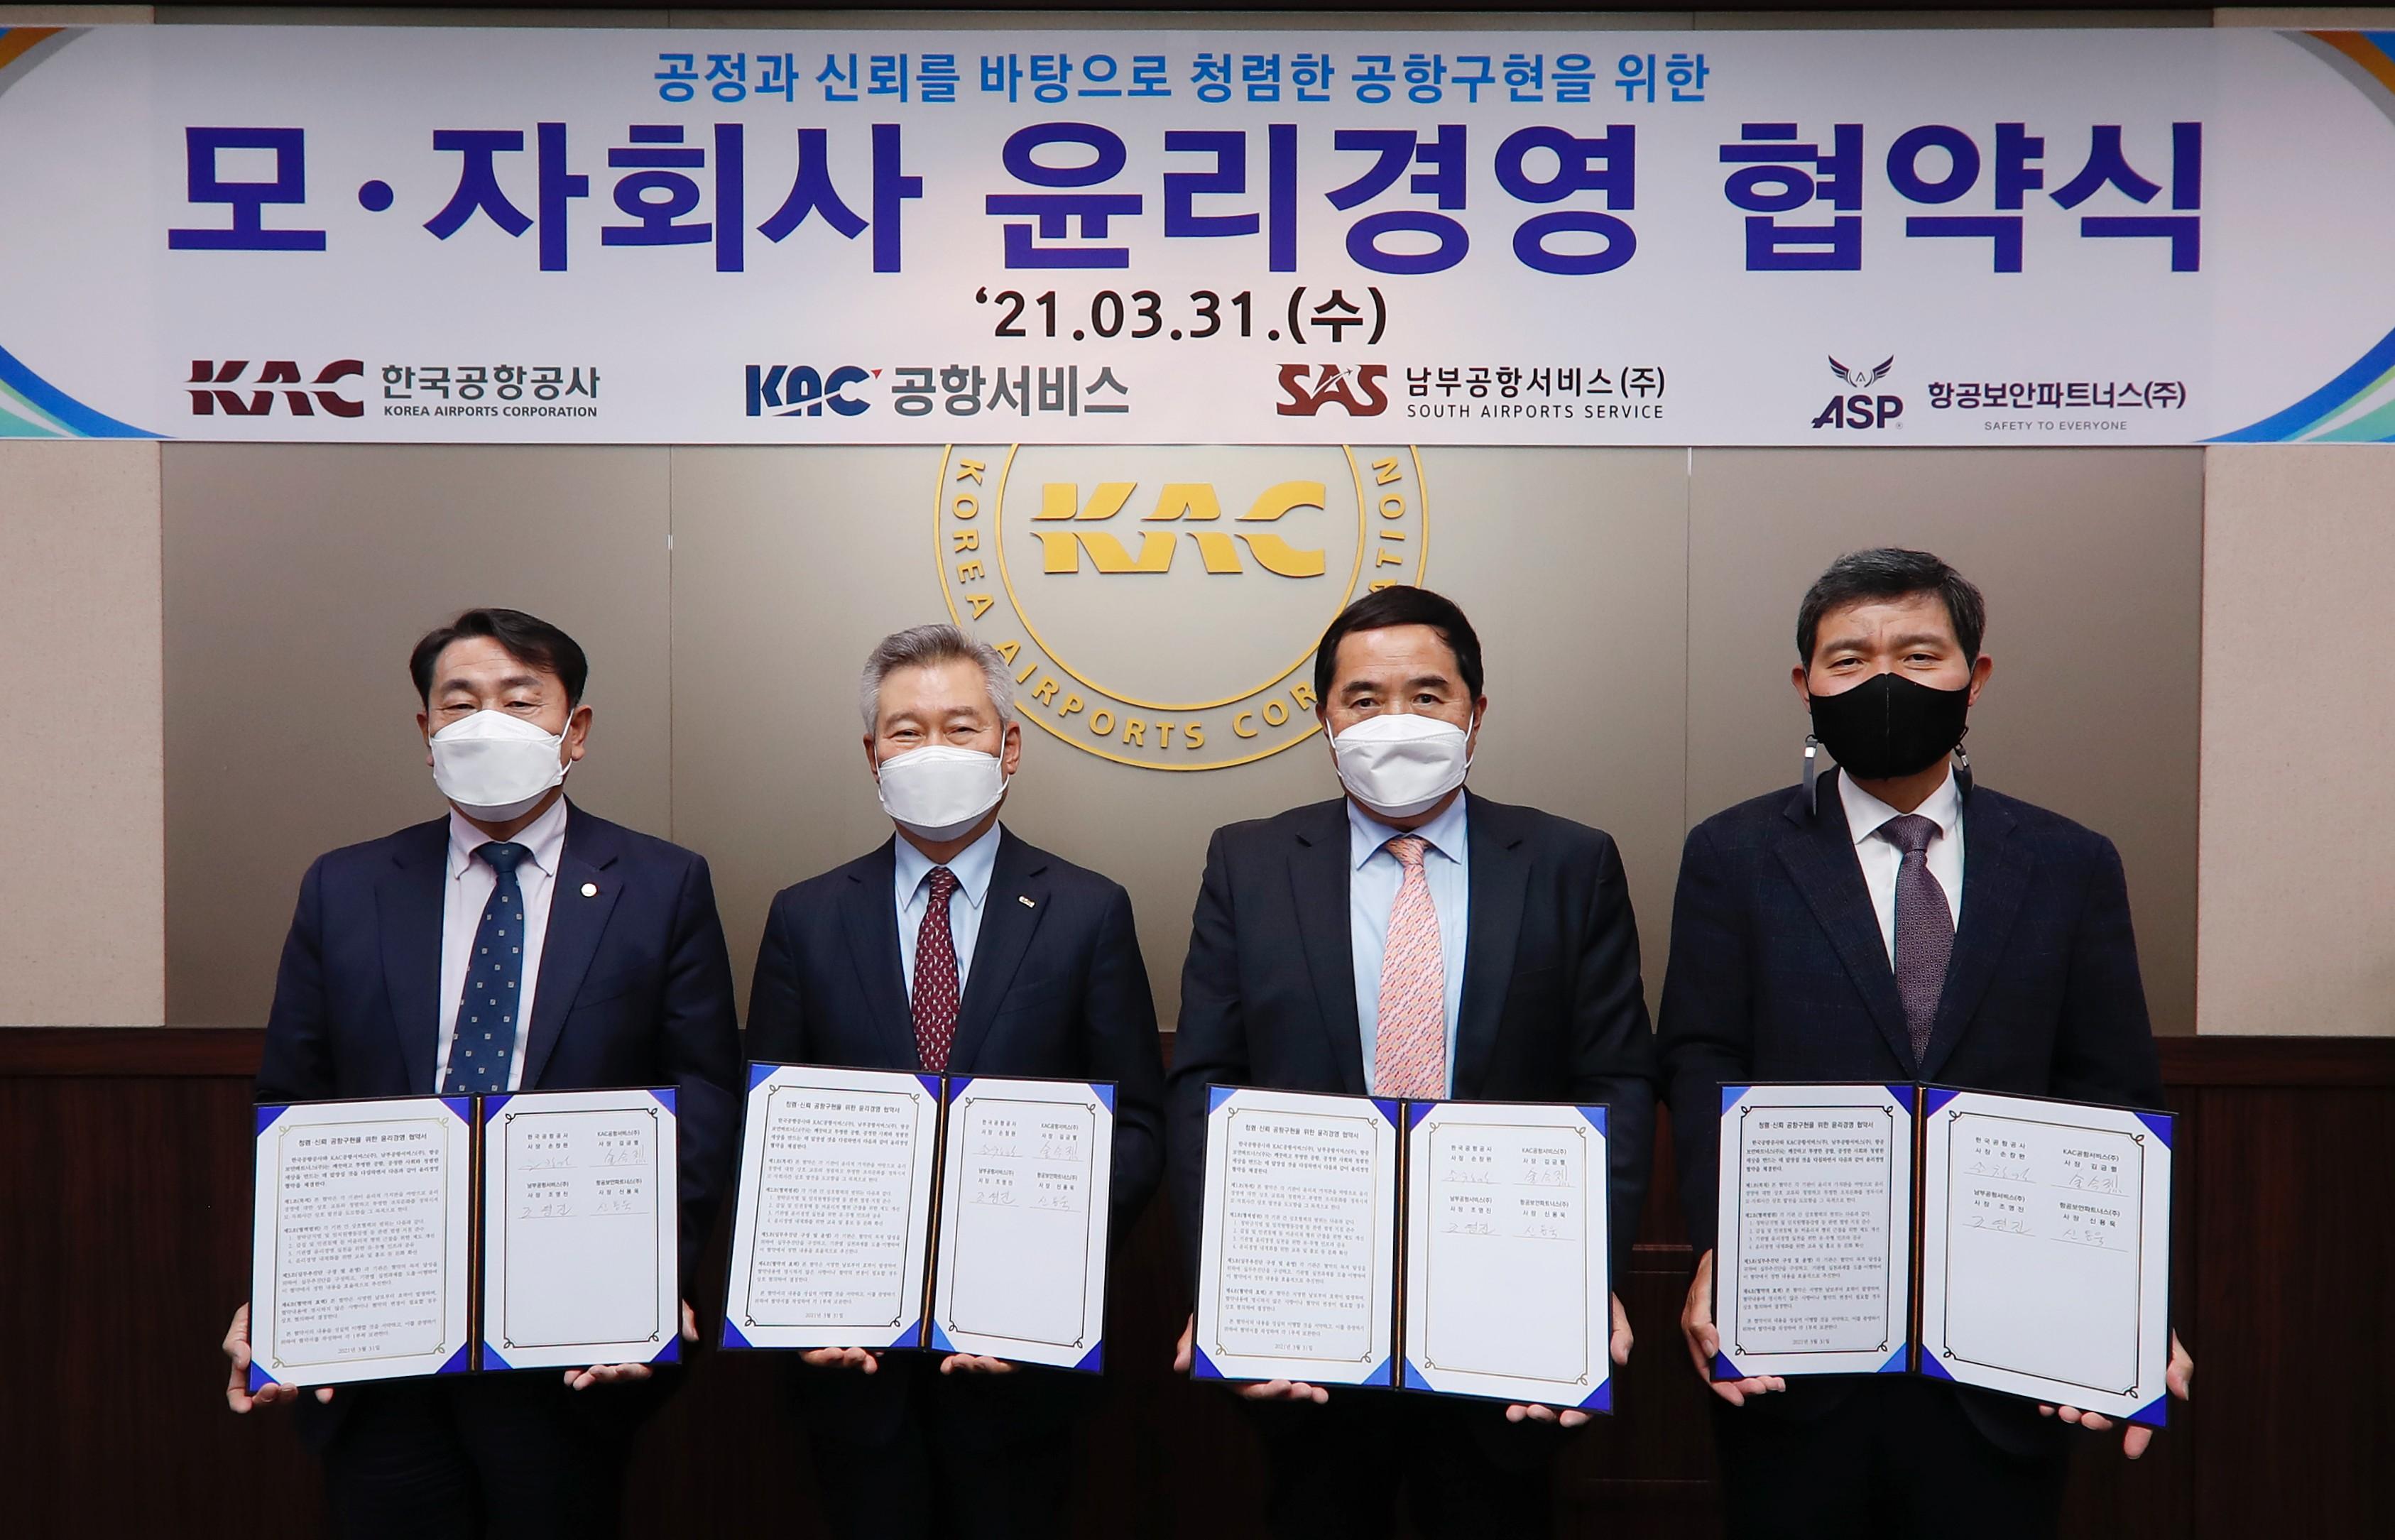 모자회사 윤리경영 협약식-2.jpg